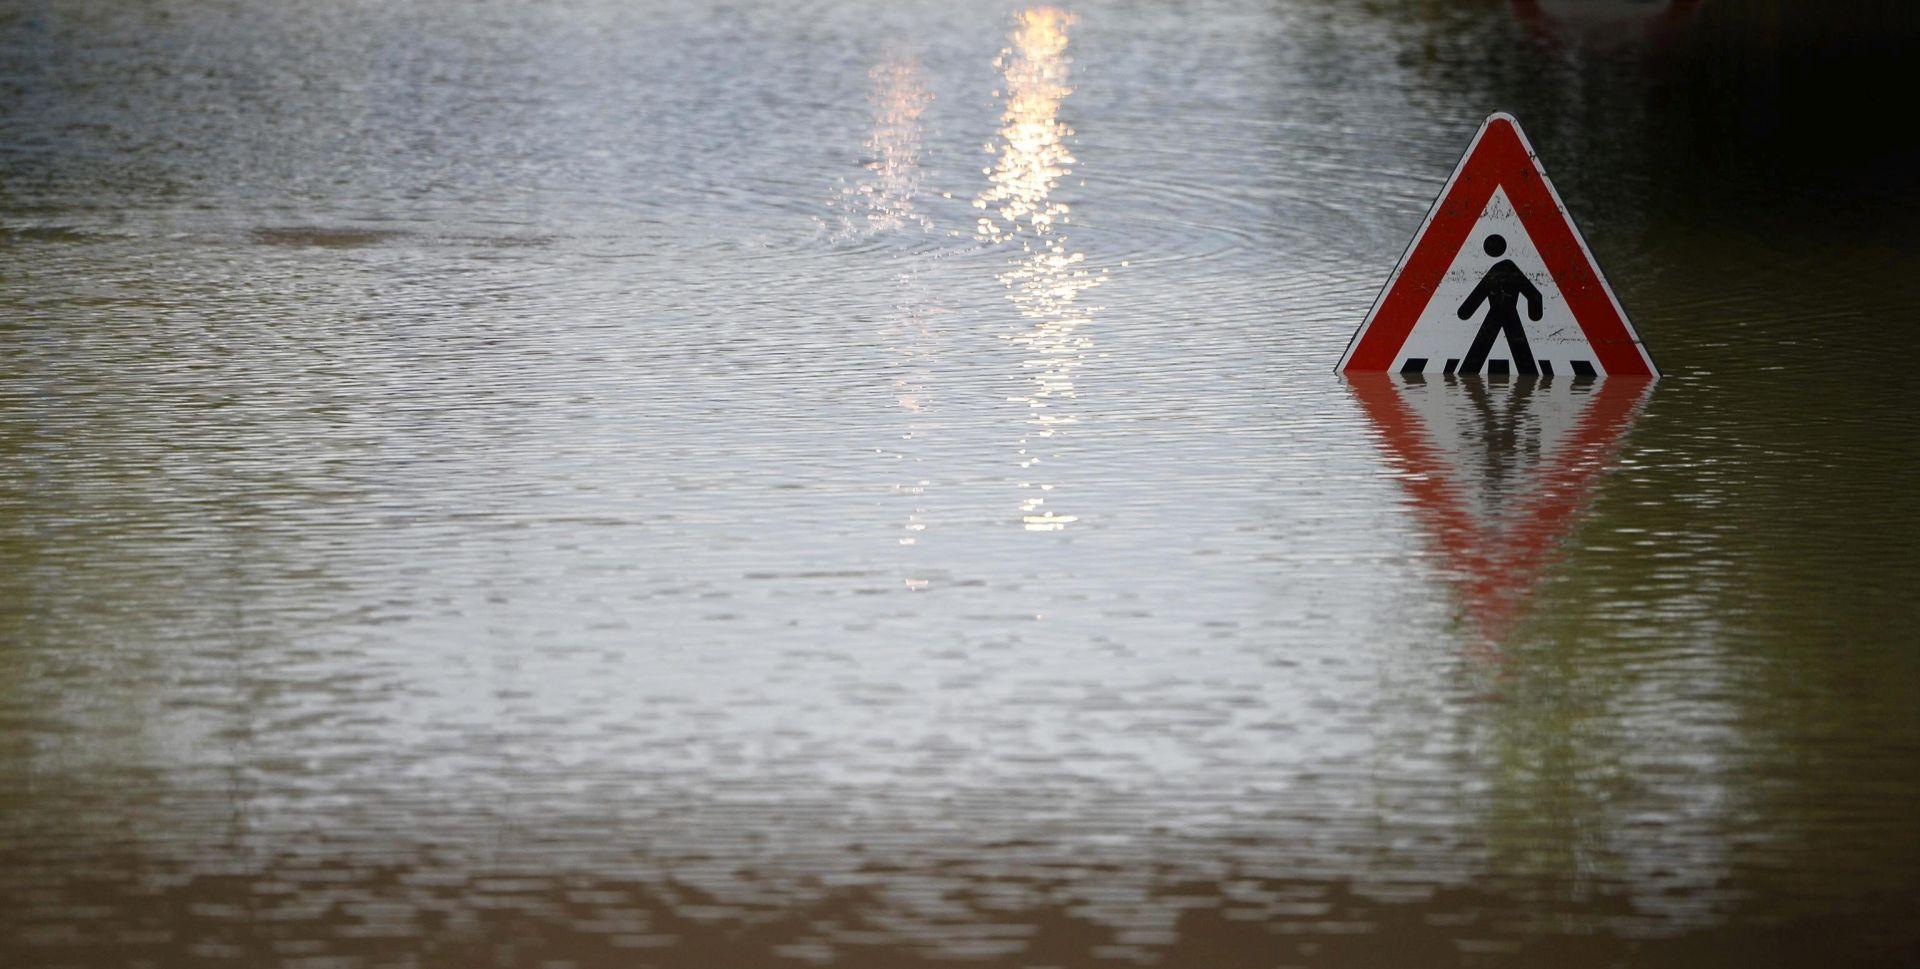 RASPRAVE O ODGOVORNOSTI VLASTI Olujno nevrijeme pogodilo Italiju, četiri žrtve